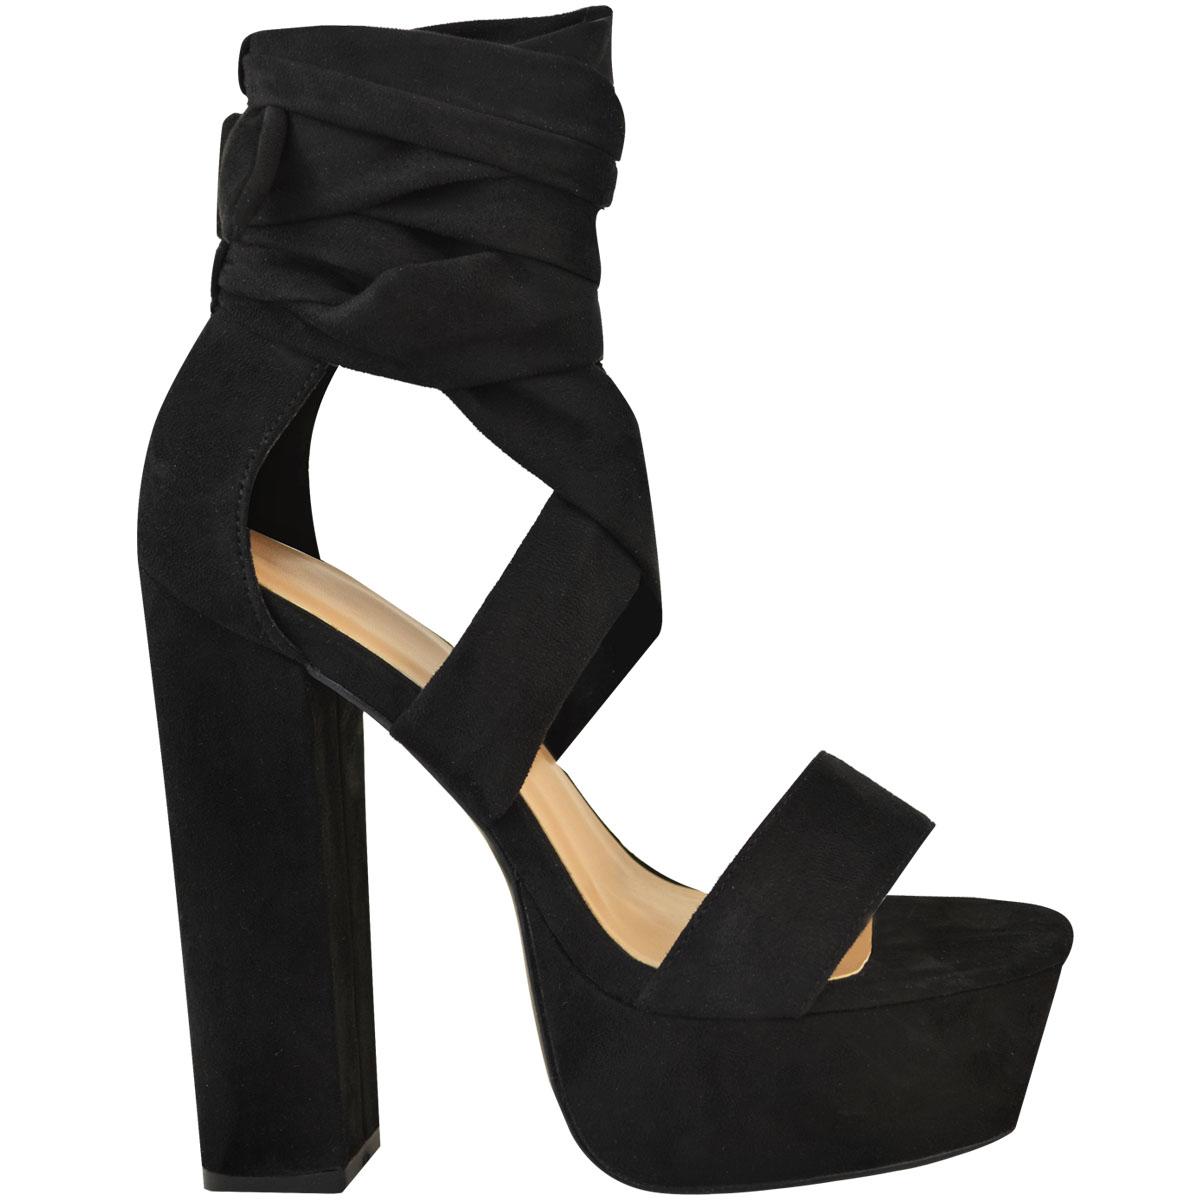 Damas-de-Encaje-Tacones-Altos-De-Bloque-Plataformas-Sandalias-Zapatos-Para-Mujer-Tipo-Corbata-Fiesta